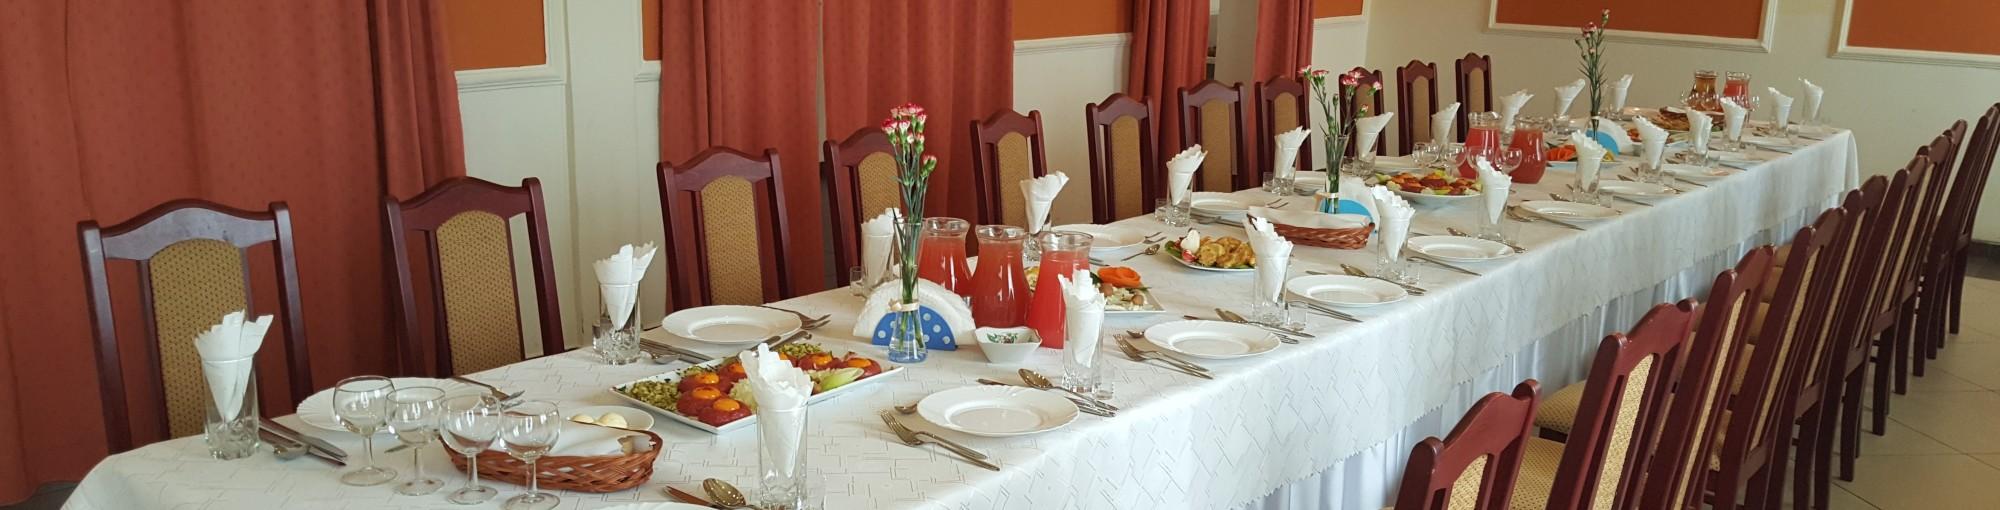 """""""RESTAURACJA SAVANA OPOCZNO"""" – restauracja, sala weselna, pokoje, noclegi, imprezy okolicznościowe"""